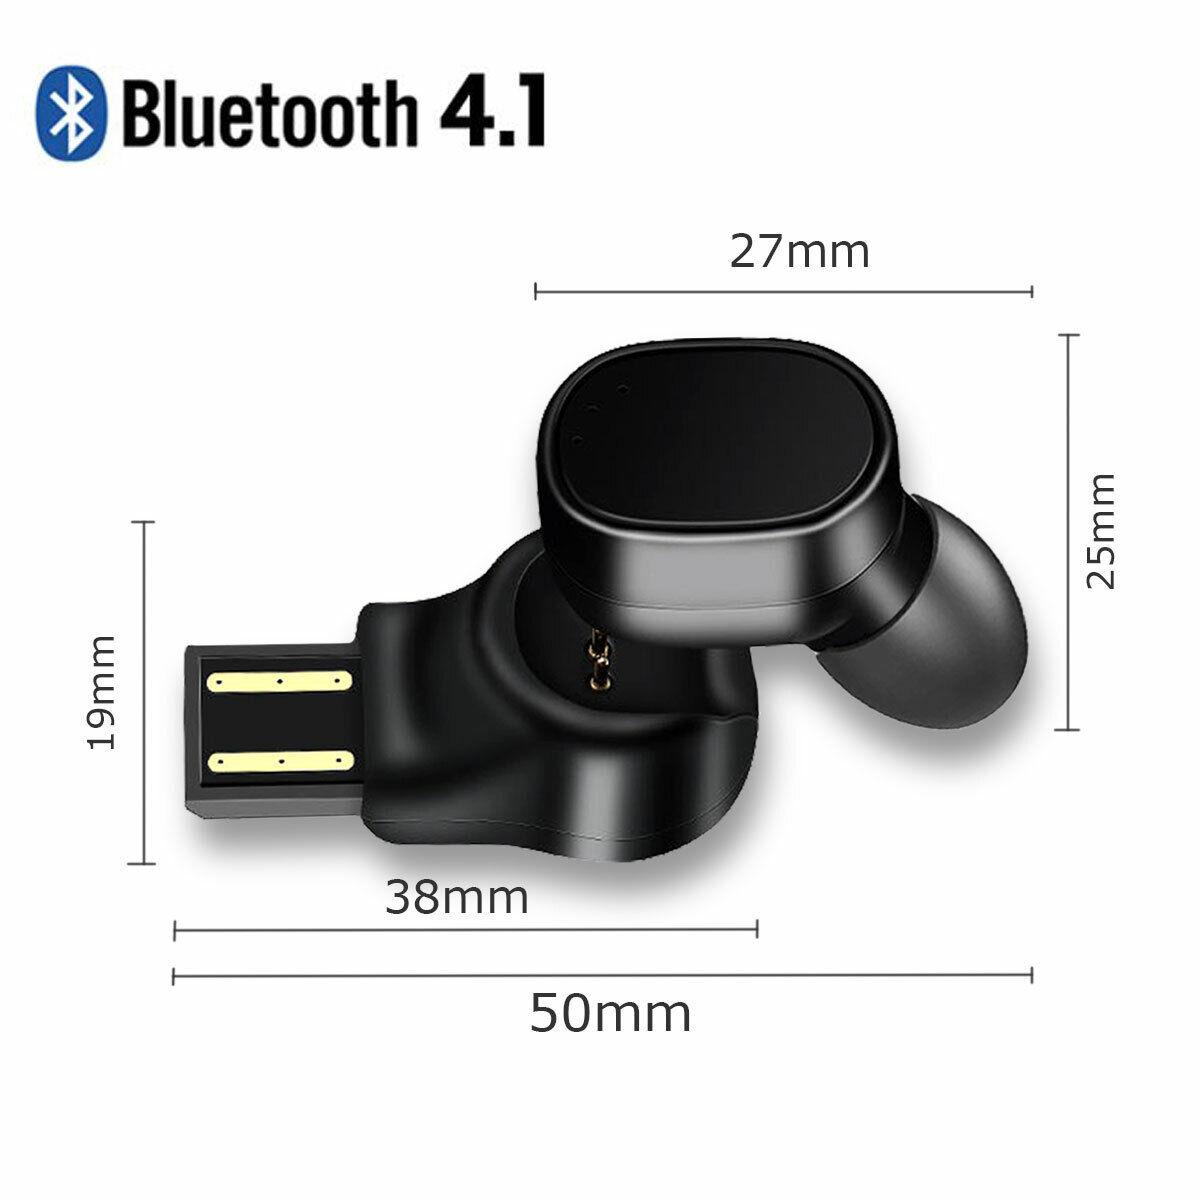 Mini Wireless Bluetooth Earbuds In-Ear Earphones For Samsung